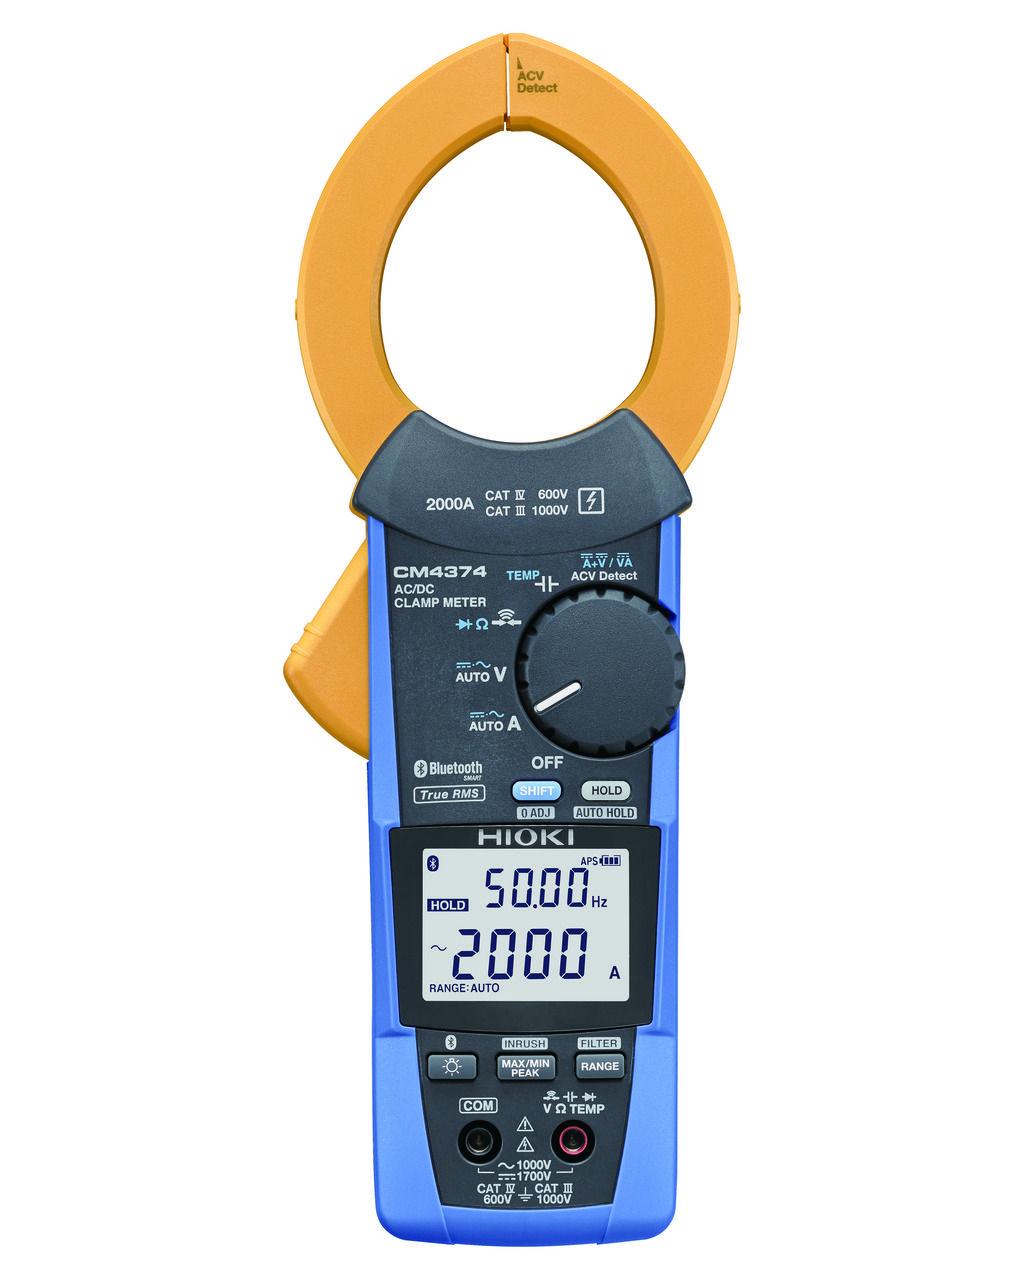 CM4374 - Alicate amperímetro 2000 A, 1700 V, Bluetooh